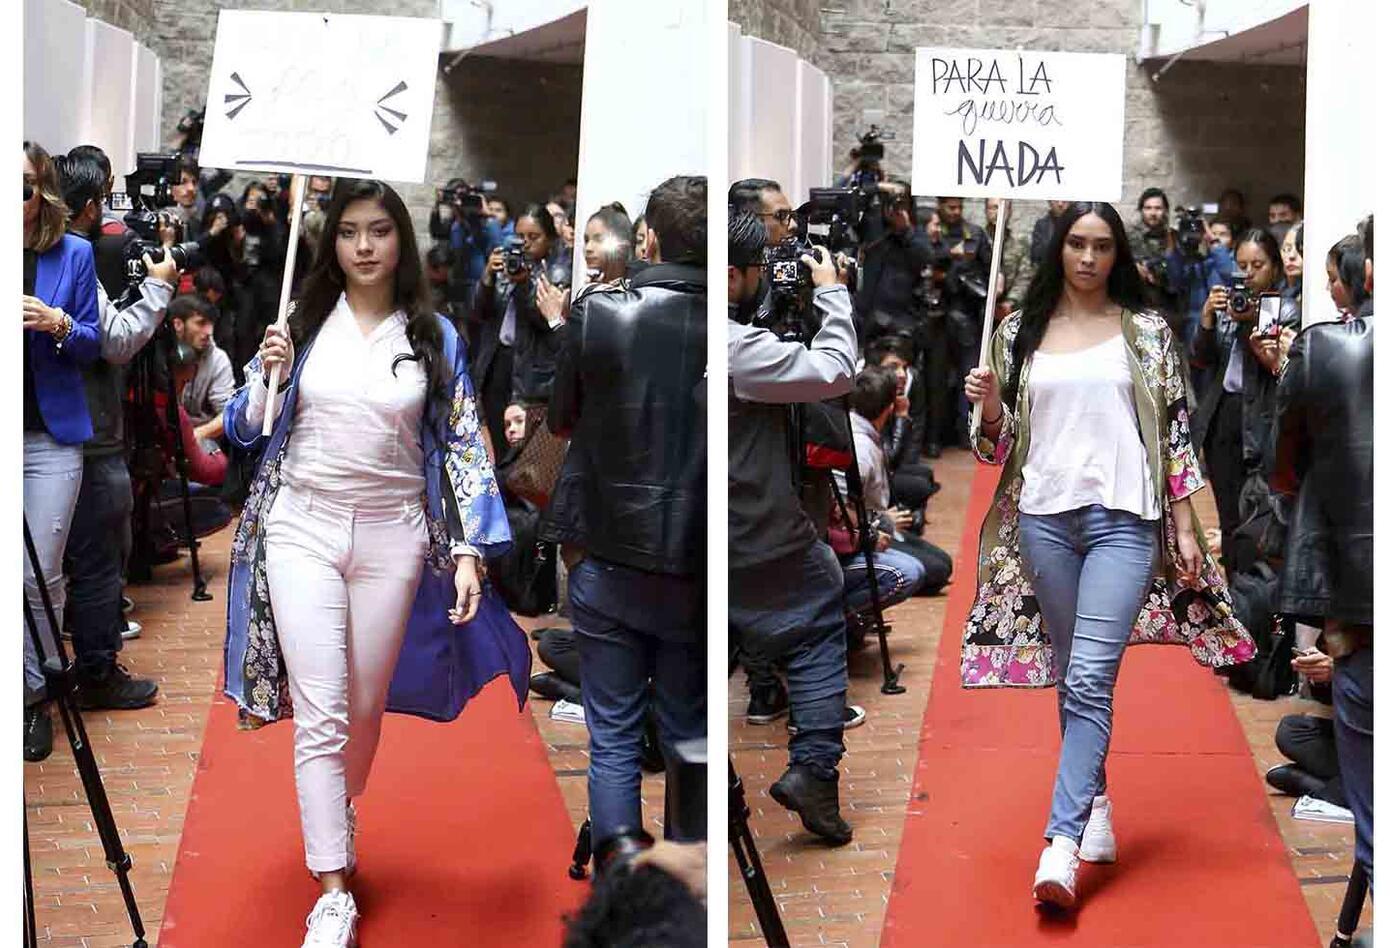 PAZarela, desfile de modas hecho por excombatientes de las Farc